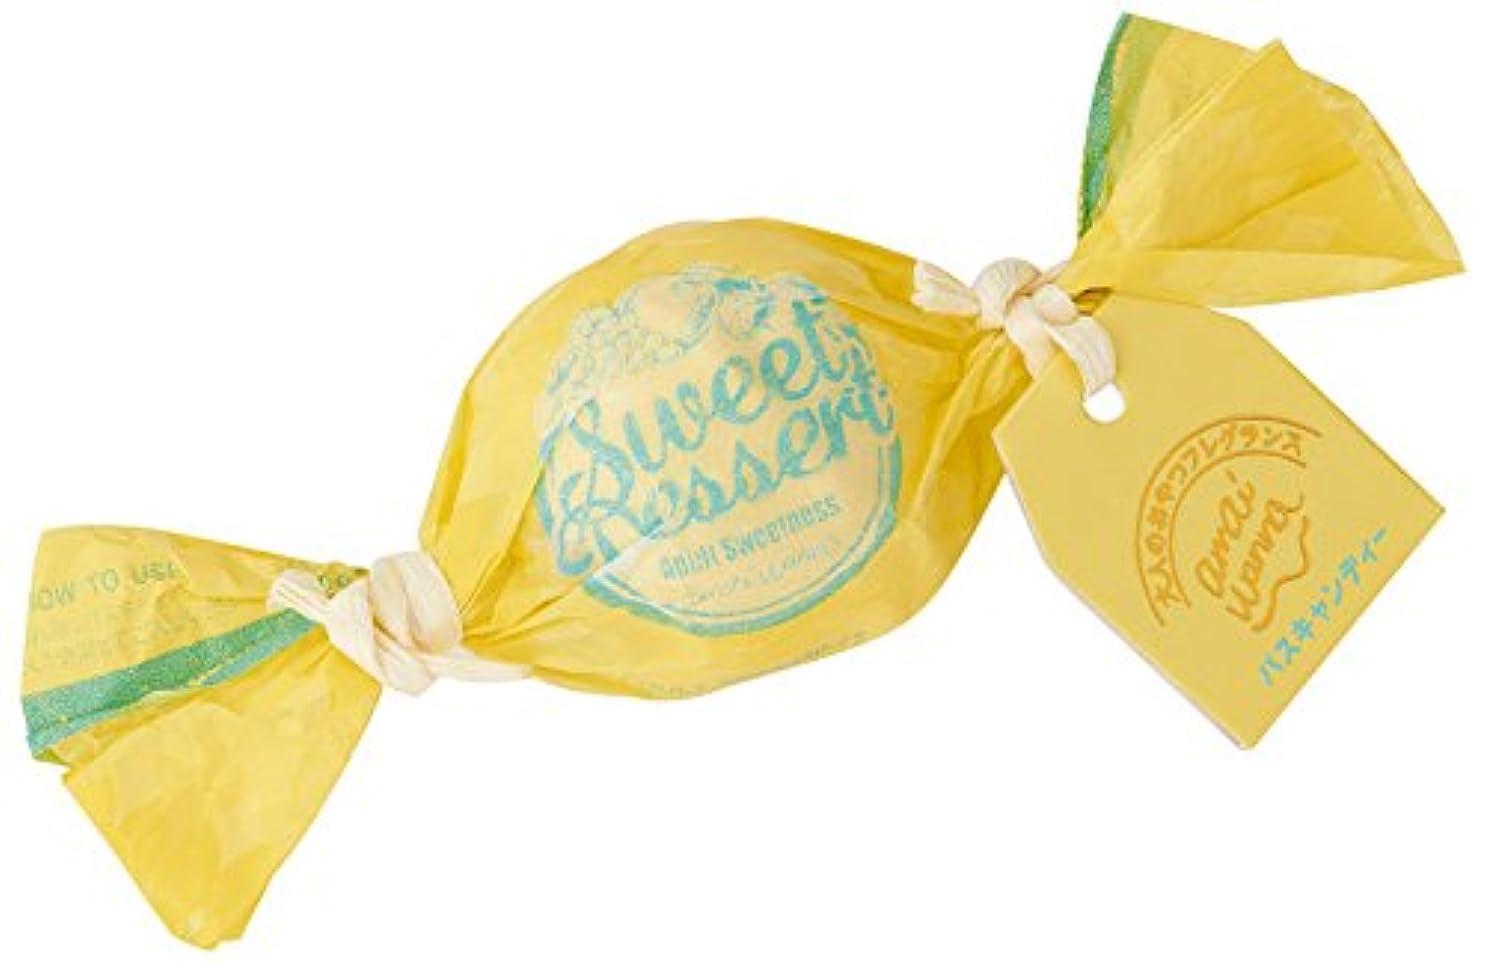 ぞっとするようなレンチ予知アマイワナ バスキャンディー35g×12粒 大人の甘美デザート(発泡タイプ入浴料 フローラルと果実の香り)